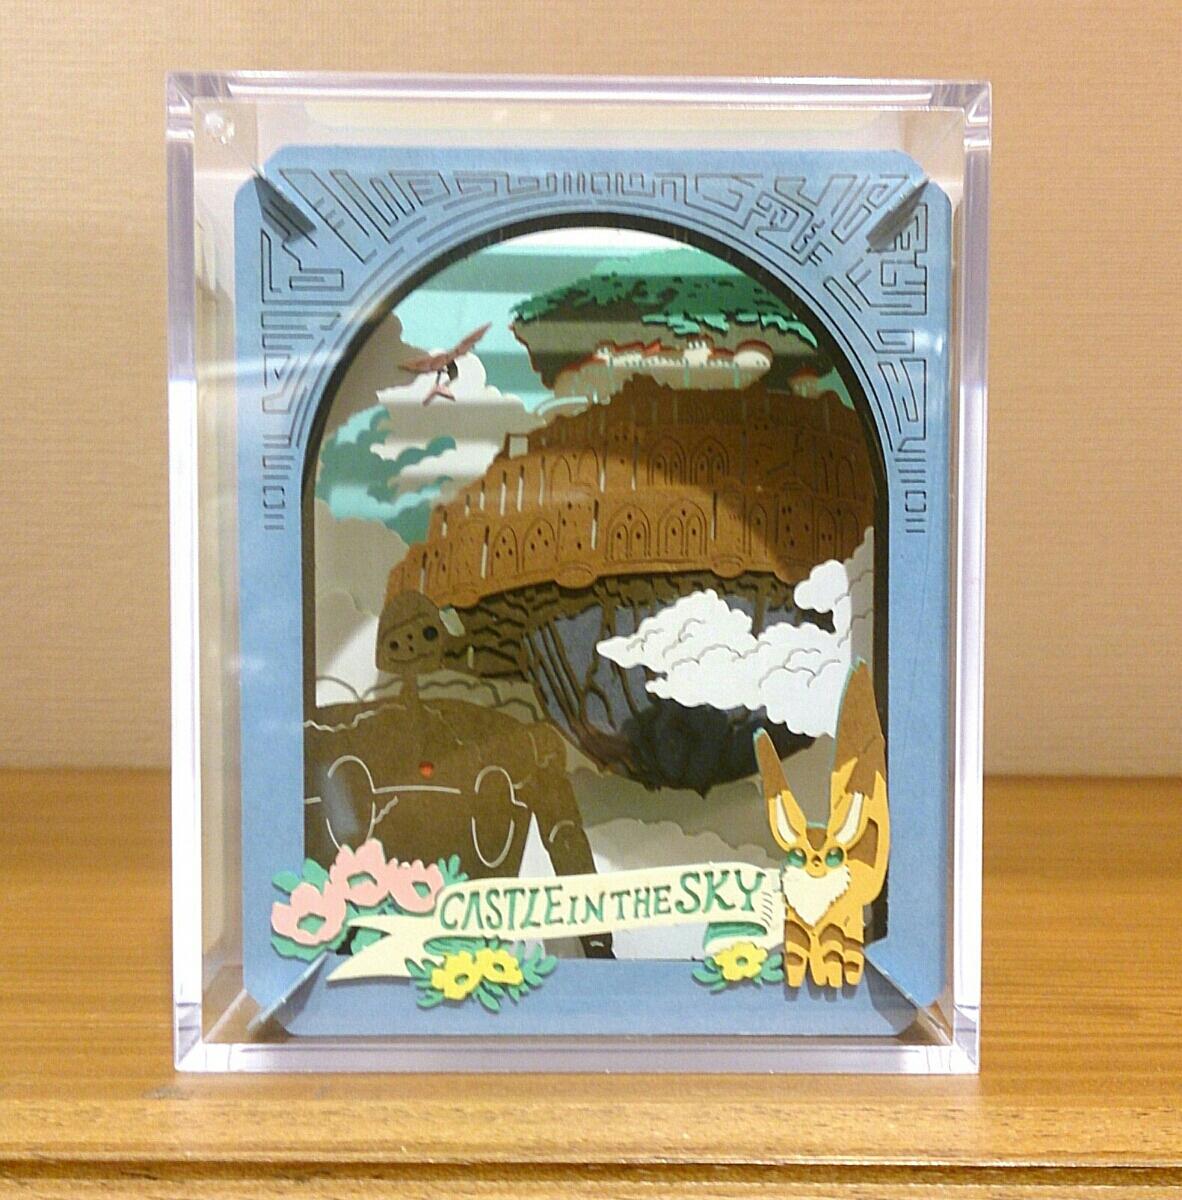 スタジオジブリ 天空の城ラピュタ ペーパー シアター  グッズの画像